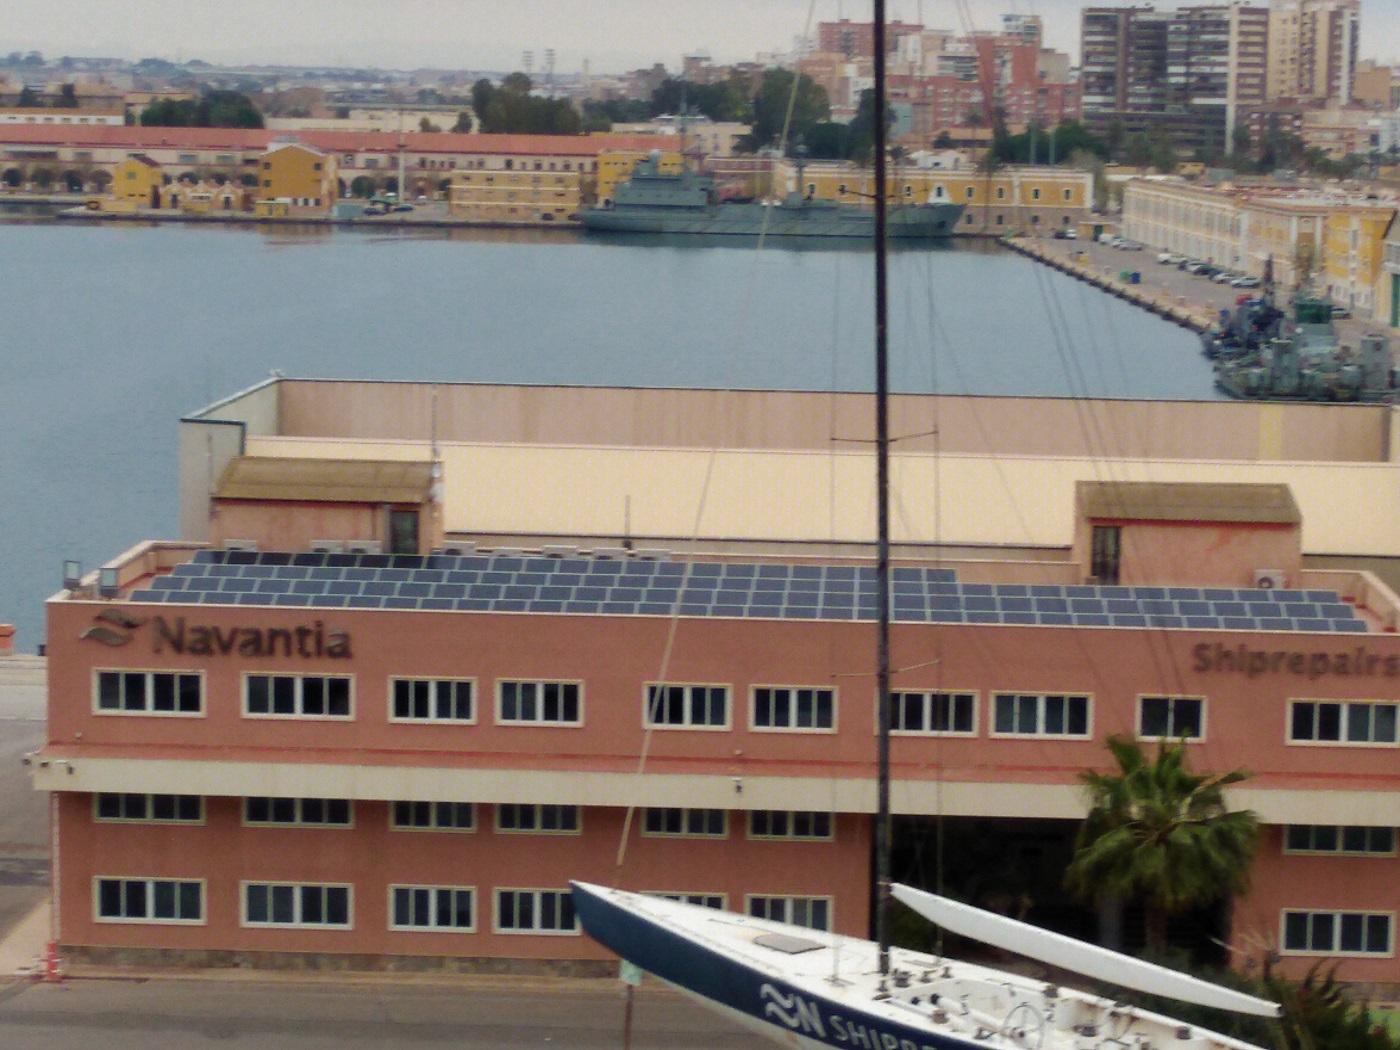 Placas solares en el edificio de oficinas de Reparaciones de Navantia en Cartagena